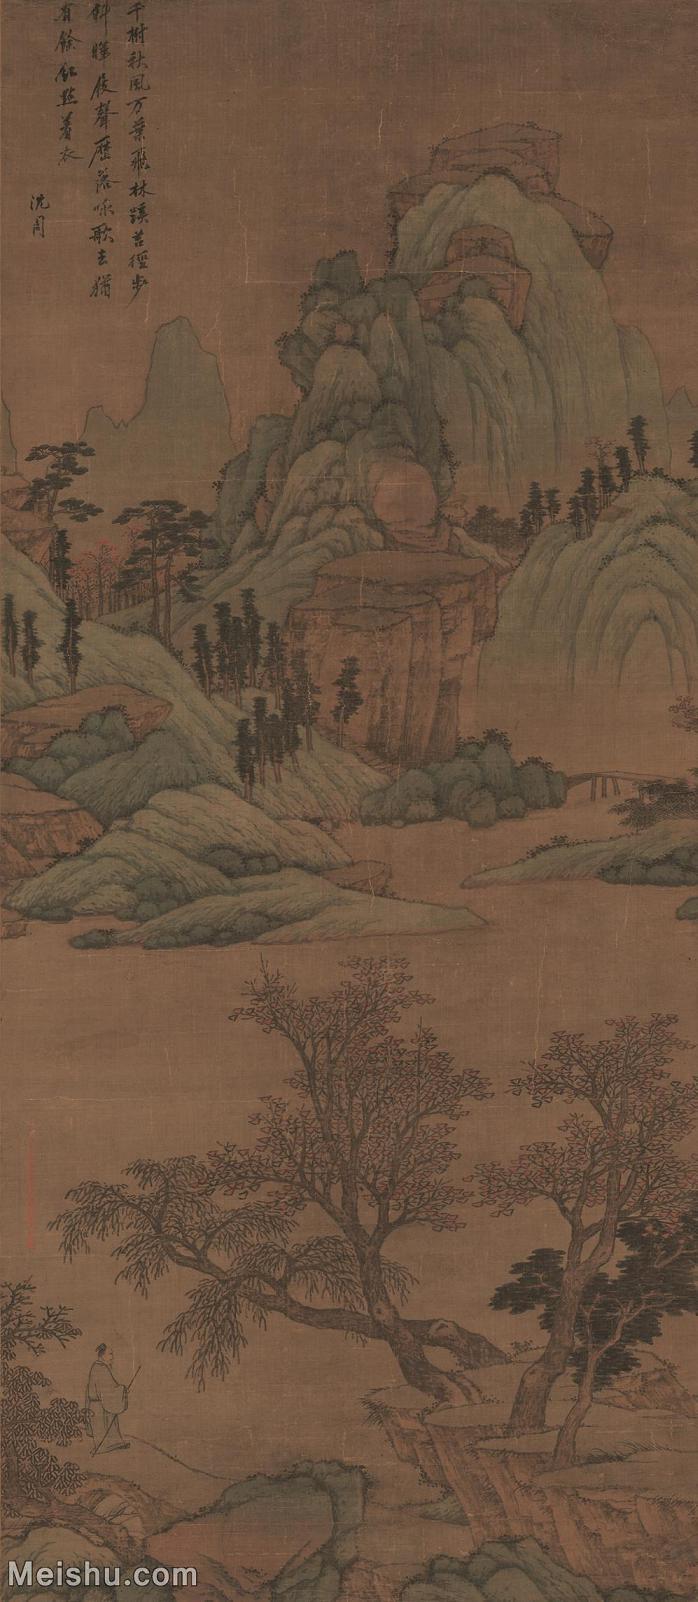 【超顶级】GH6088212古画山水风景青山红树图-明-沈周-绢本-30x68.5-90x206-青山林立轴图片-561